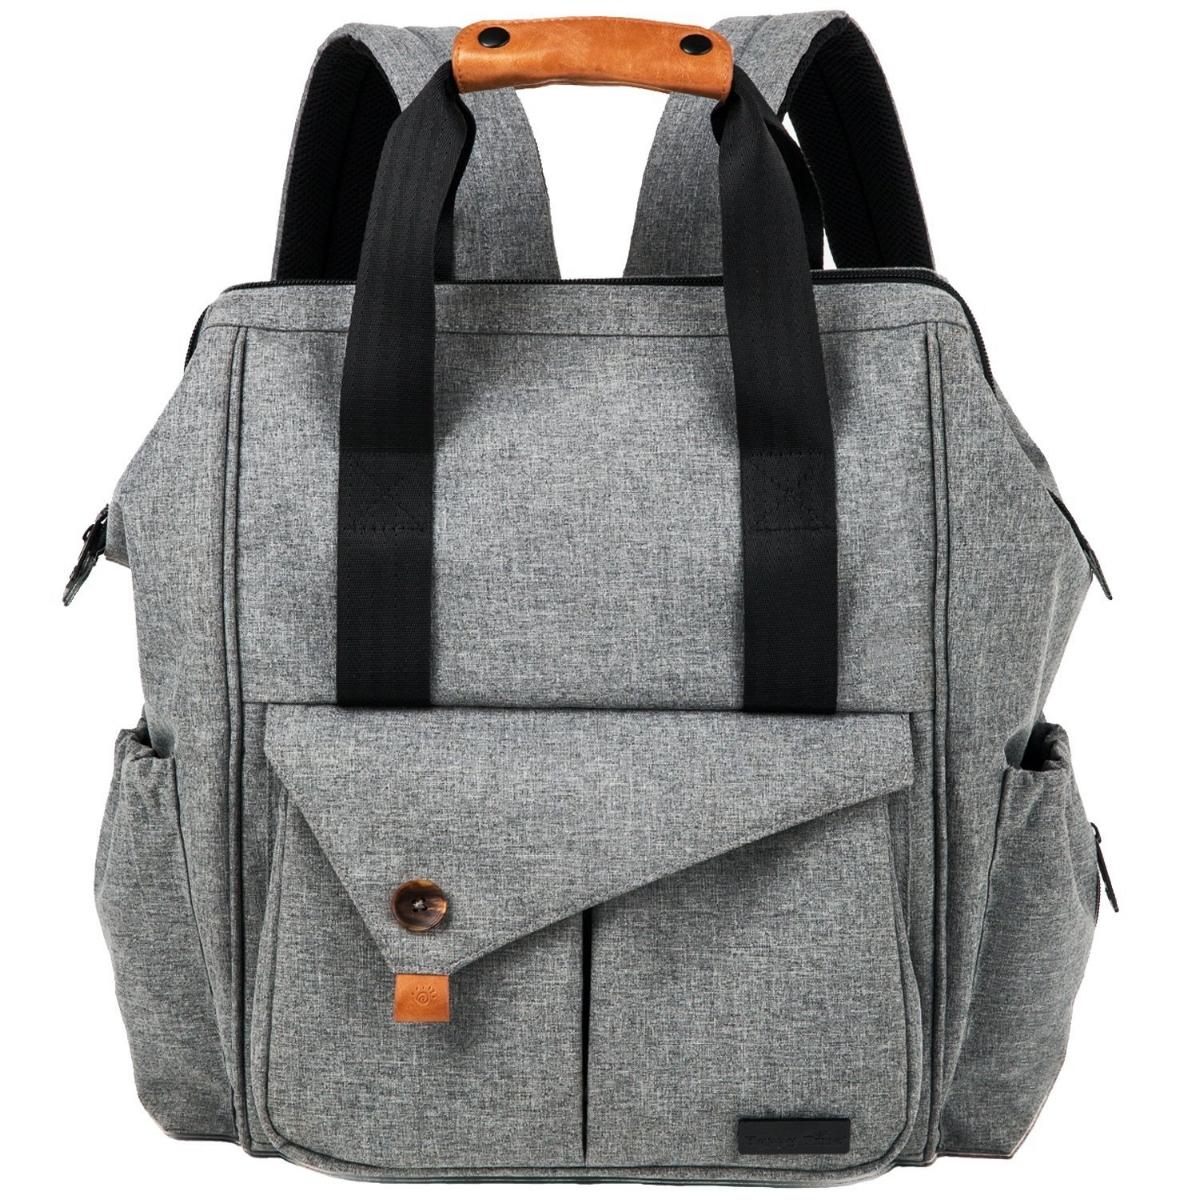 HapTim Multi-function Baby Diaper Bag Backpack W/ Stroller Straps